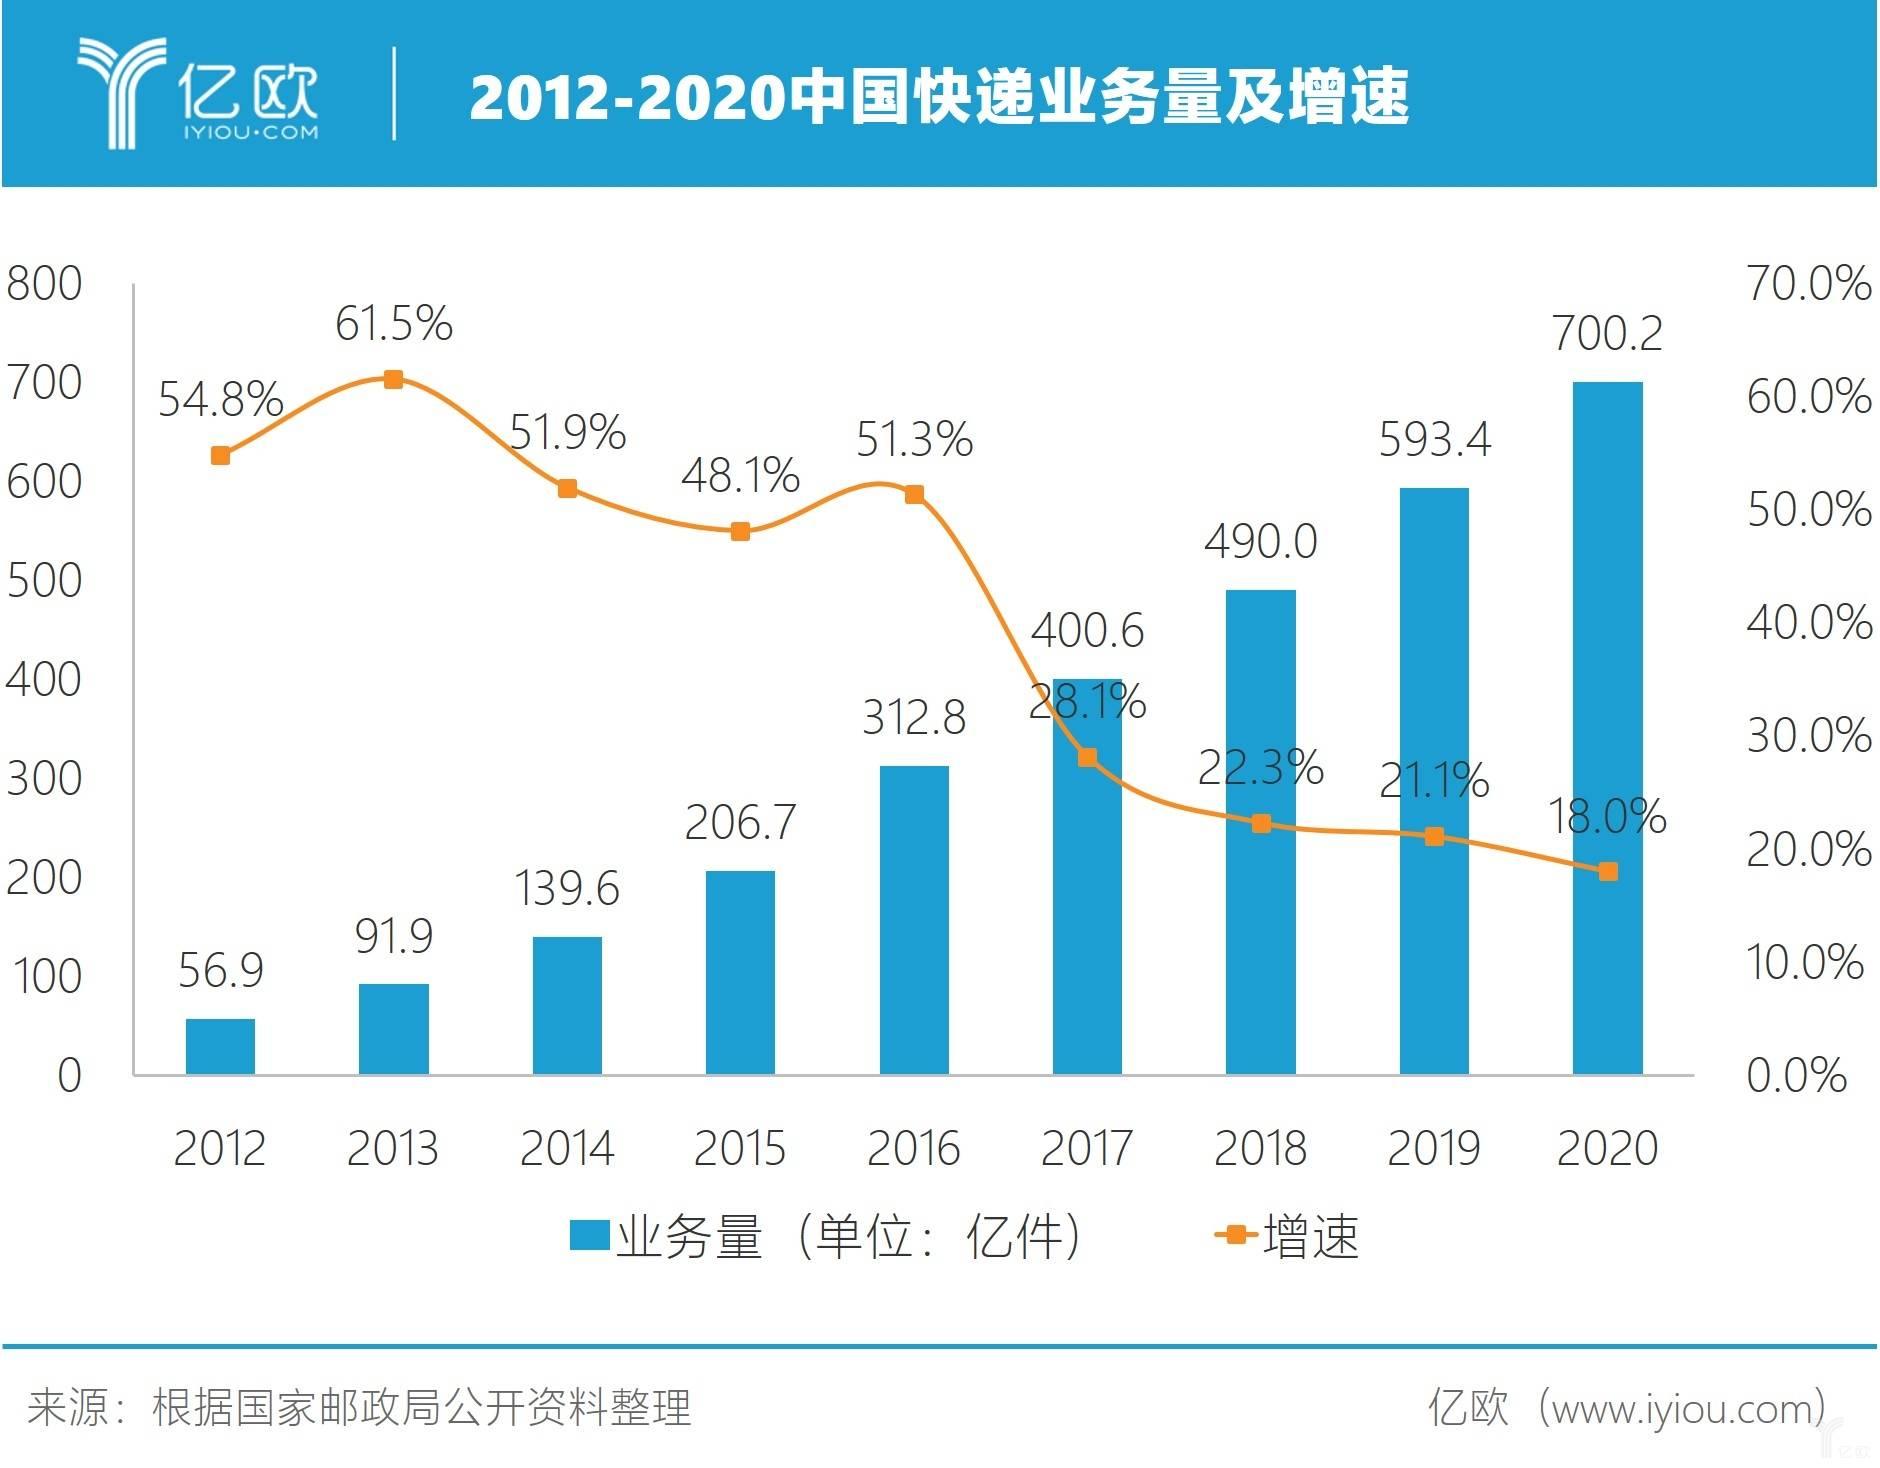 2012-2020中国快递业务量及增速